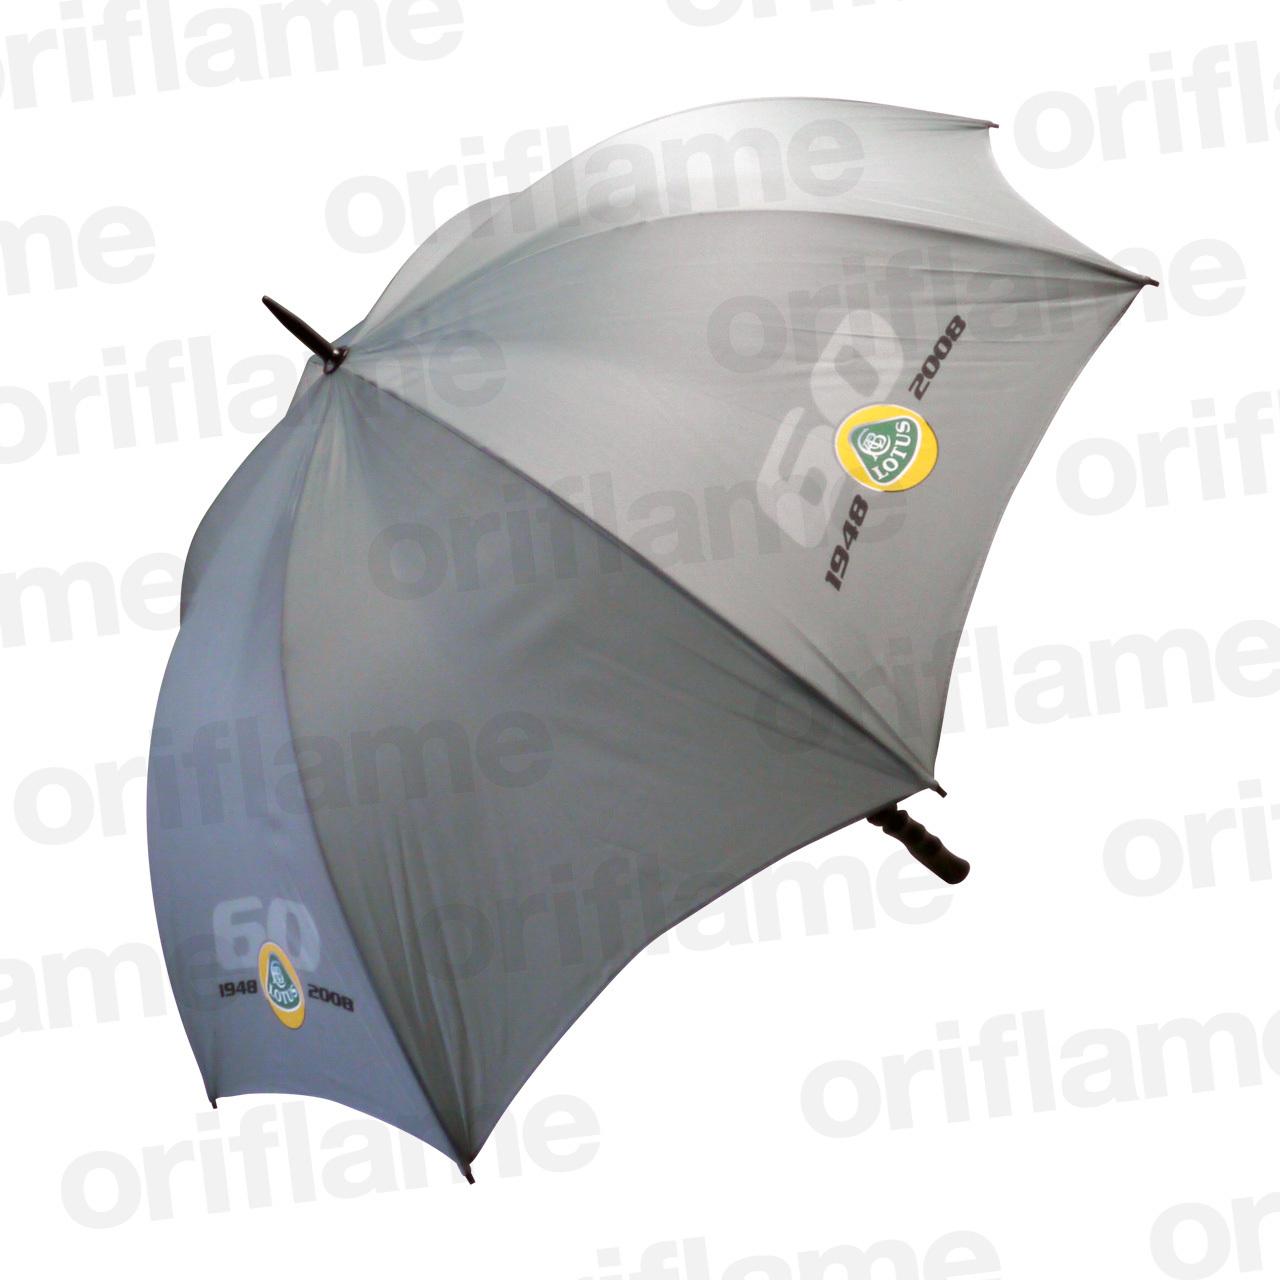 傘・ロータス・60周年記念・プラスチックグリップ・グレー